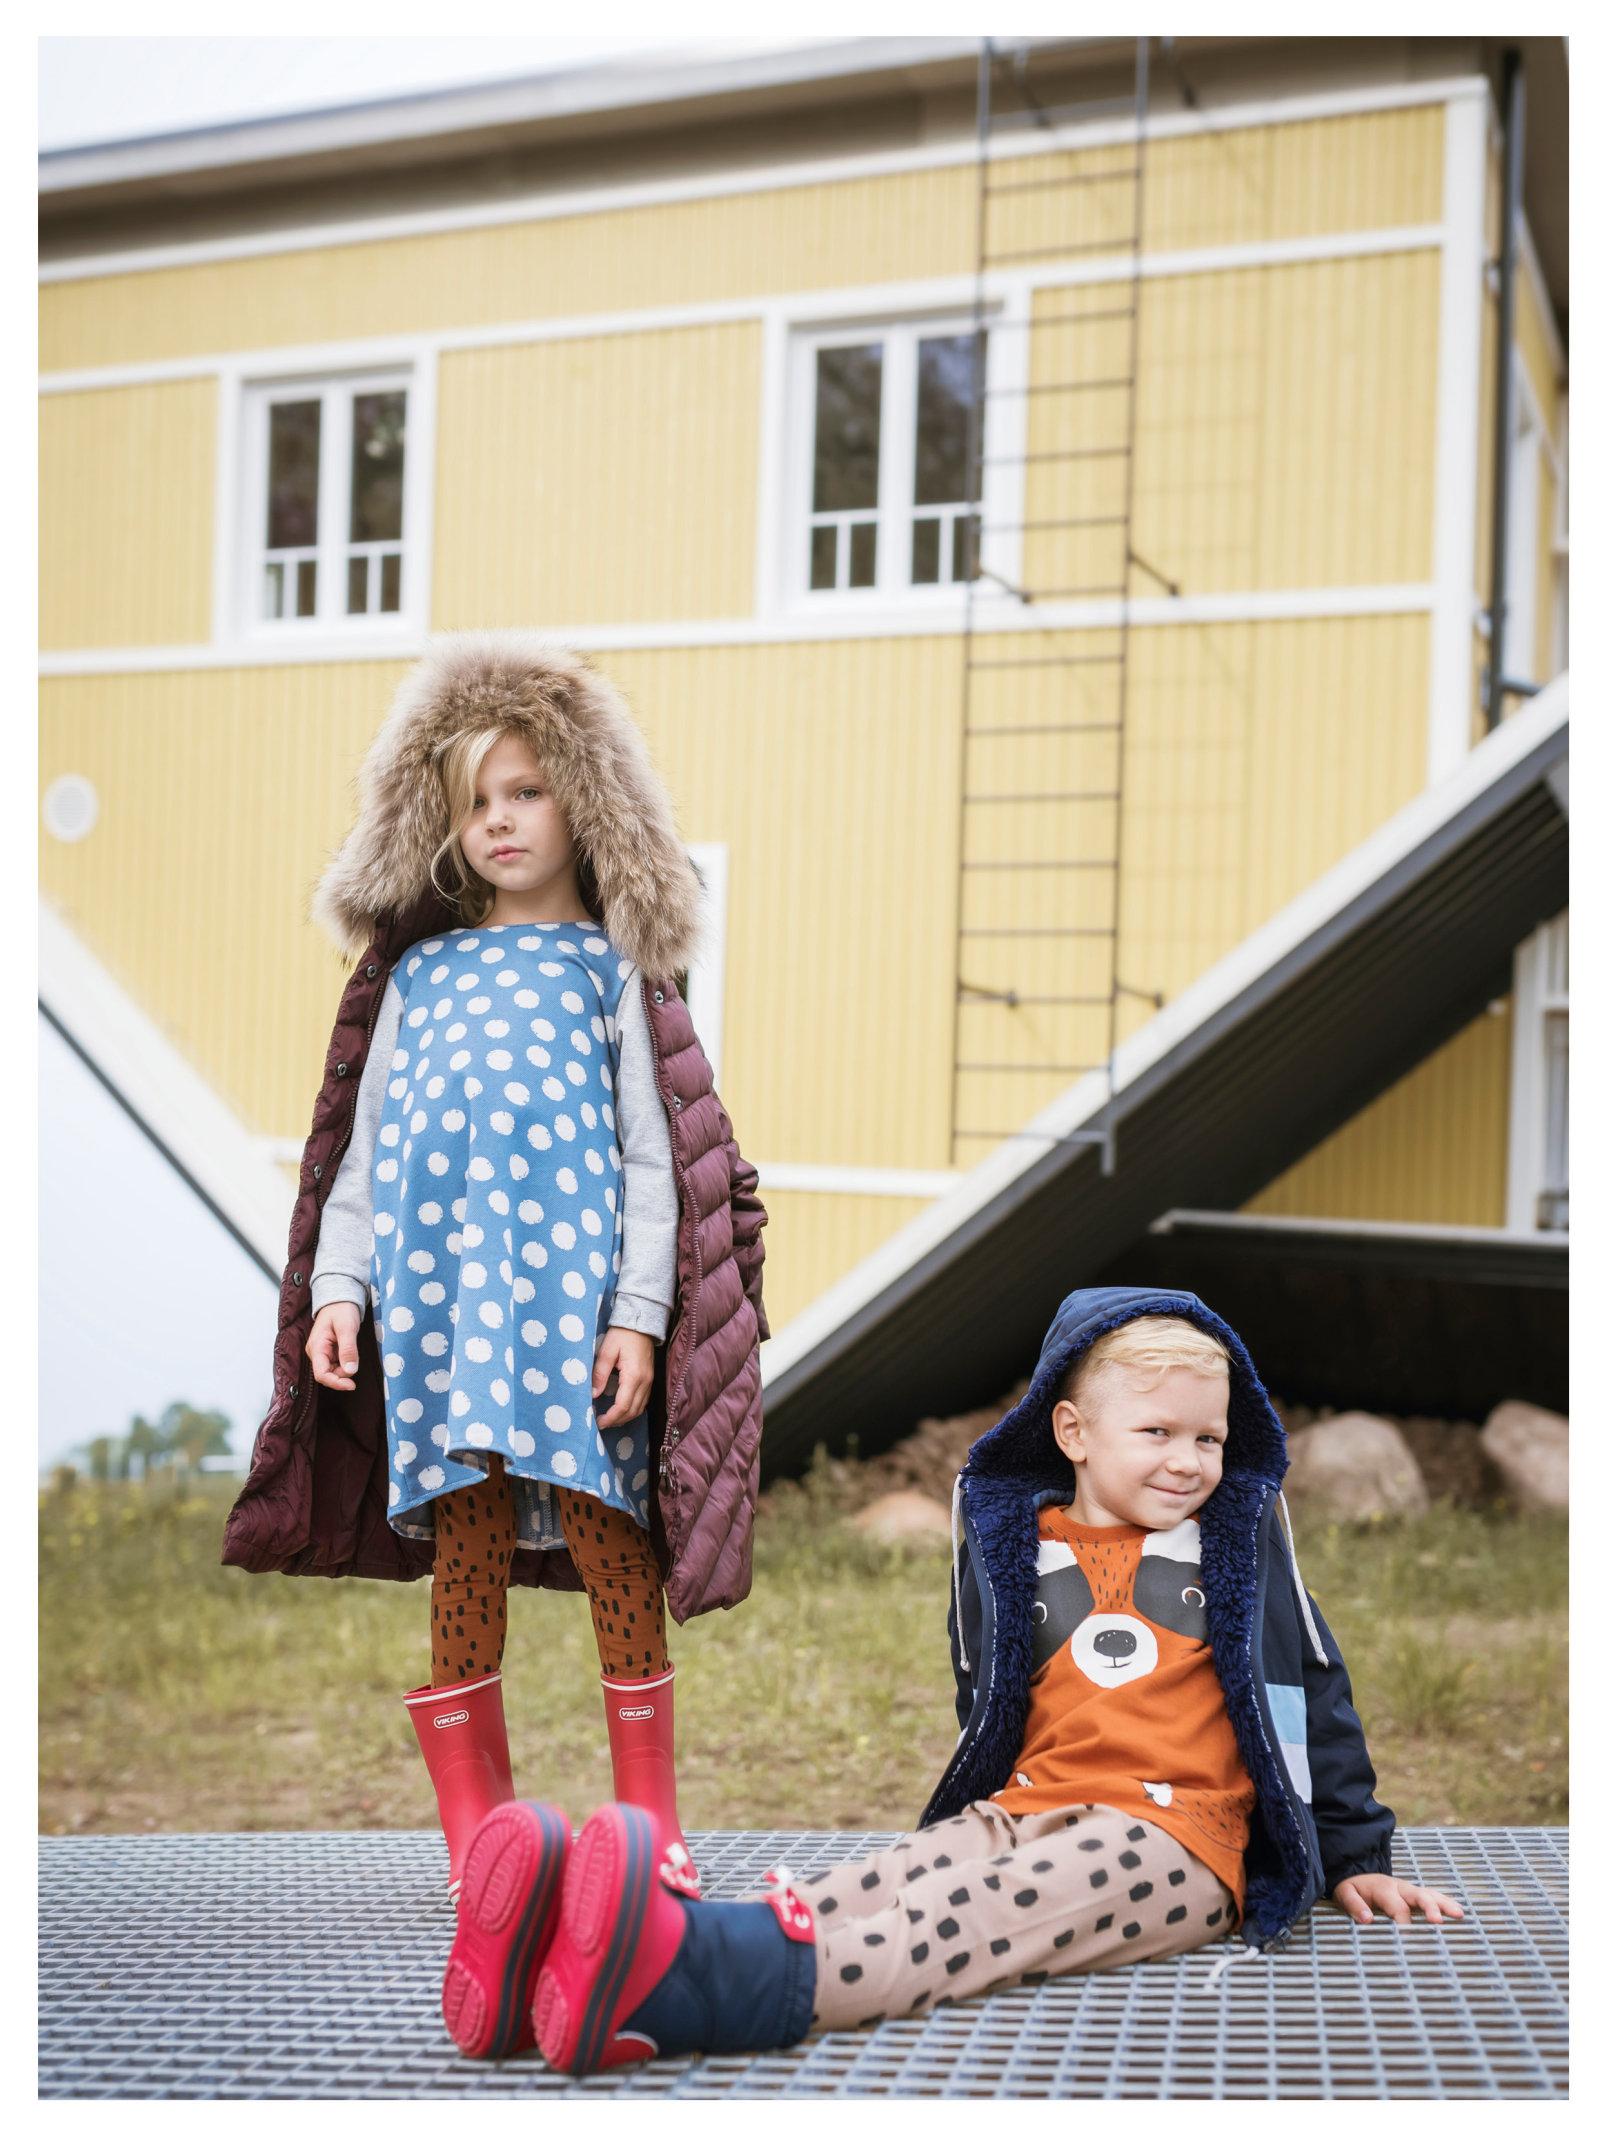 d54fe70315e ISABELLA: kleit 28.- (NONA), retuusid 14.99 (Lindex), jope 149.99 ja  kummikud 49.99 (Tartu Kaubamaja). ROBIN: kummikud 49.99 (Tartu Kaubamaja),  ...